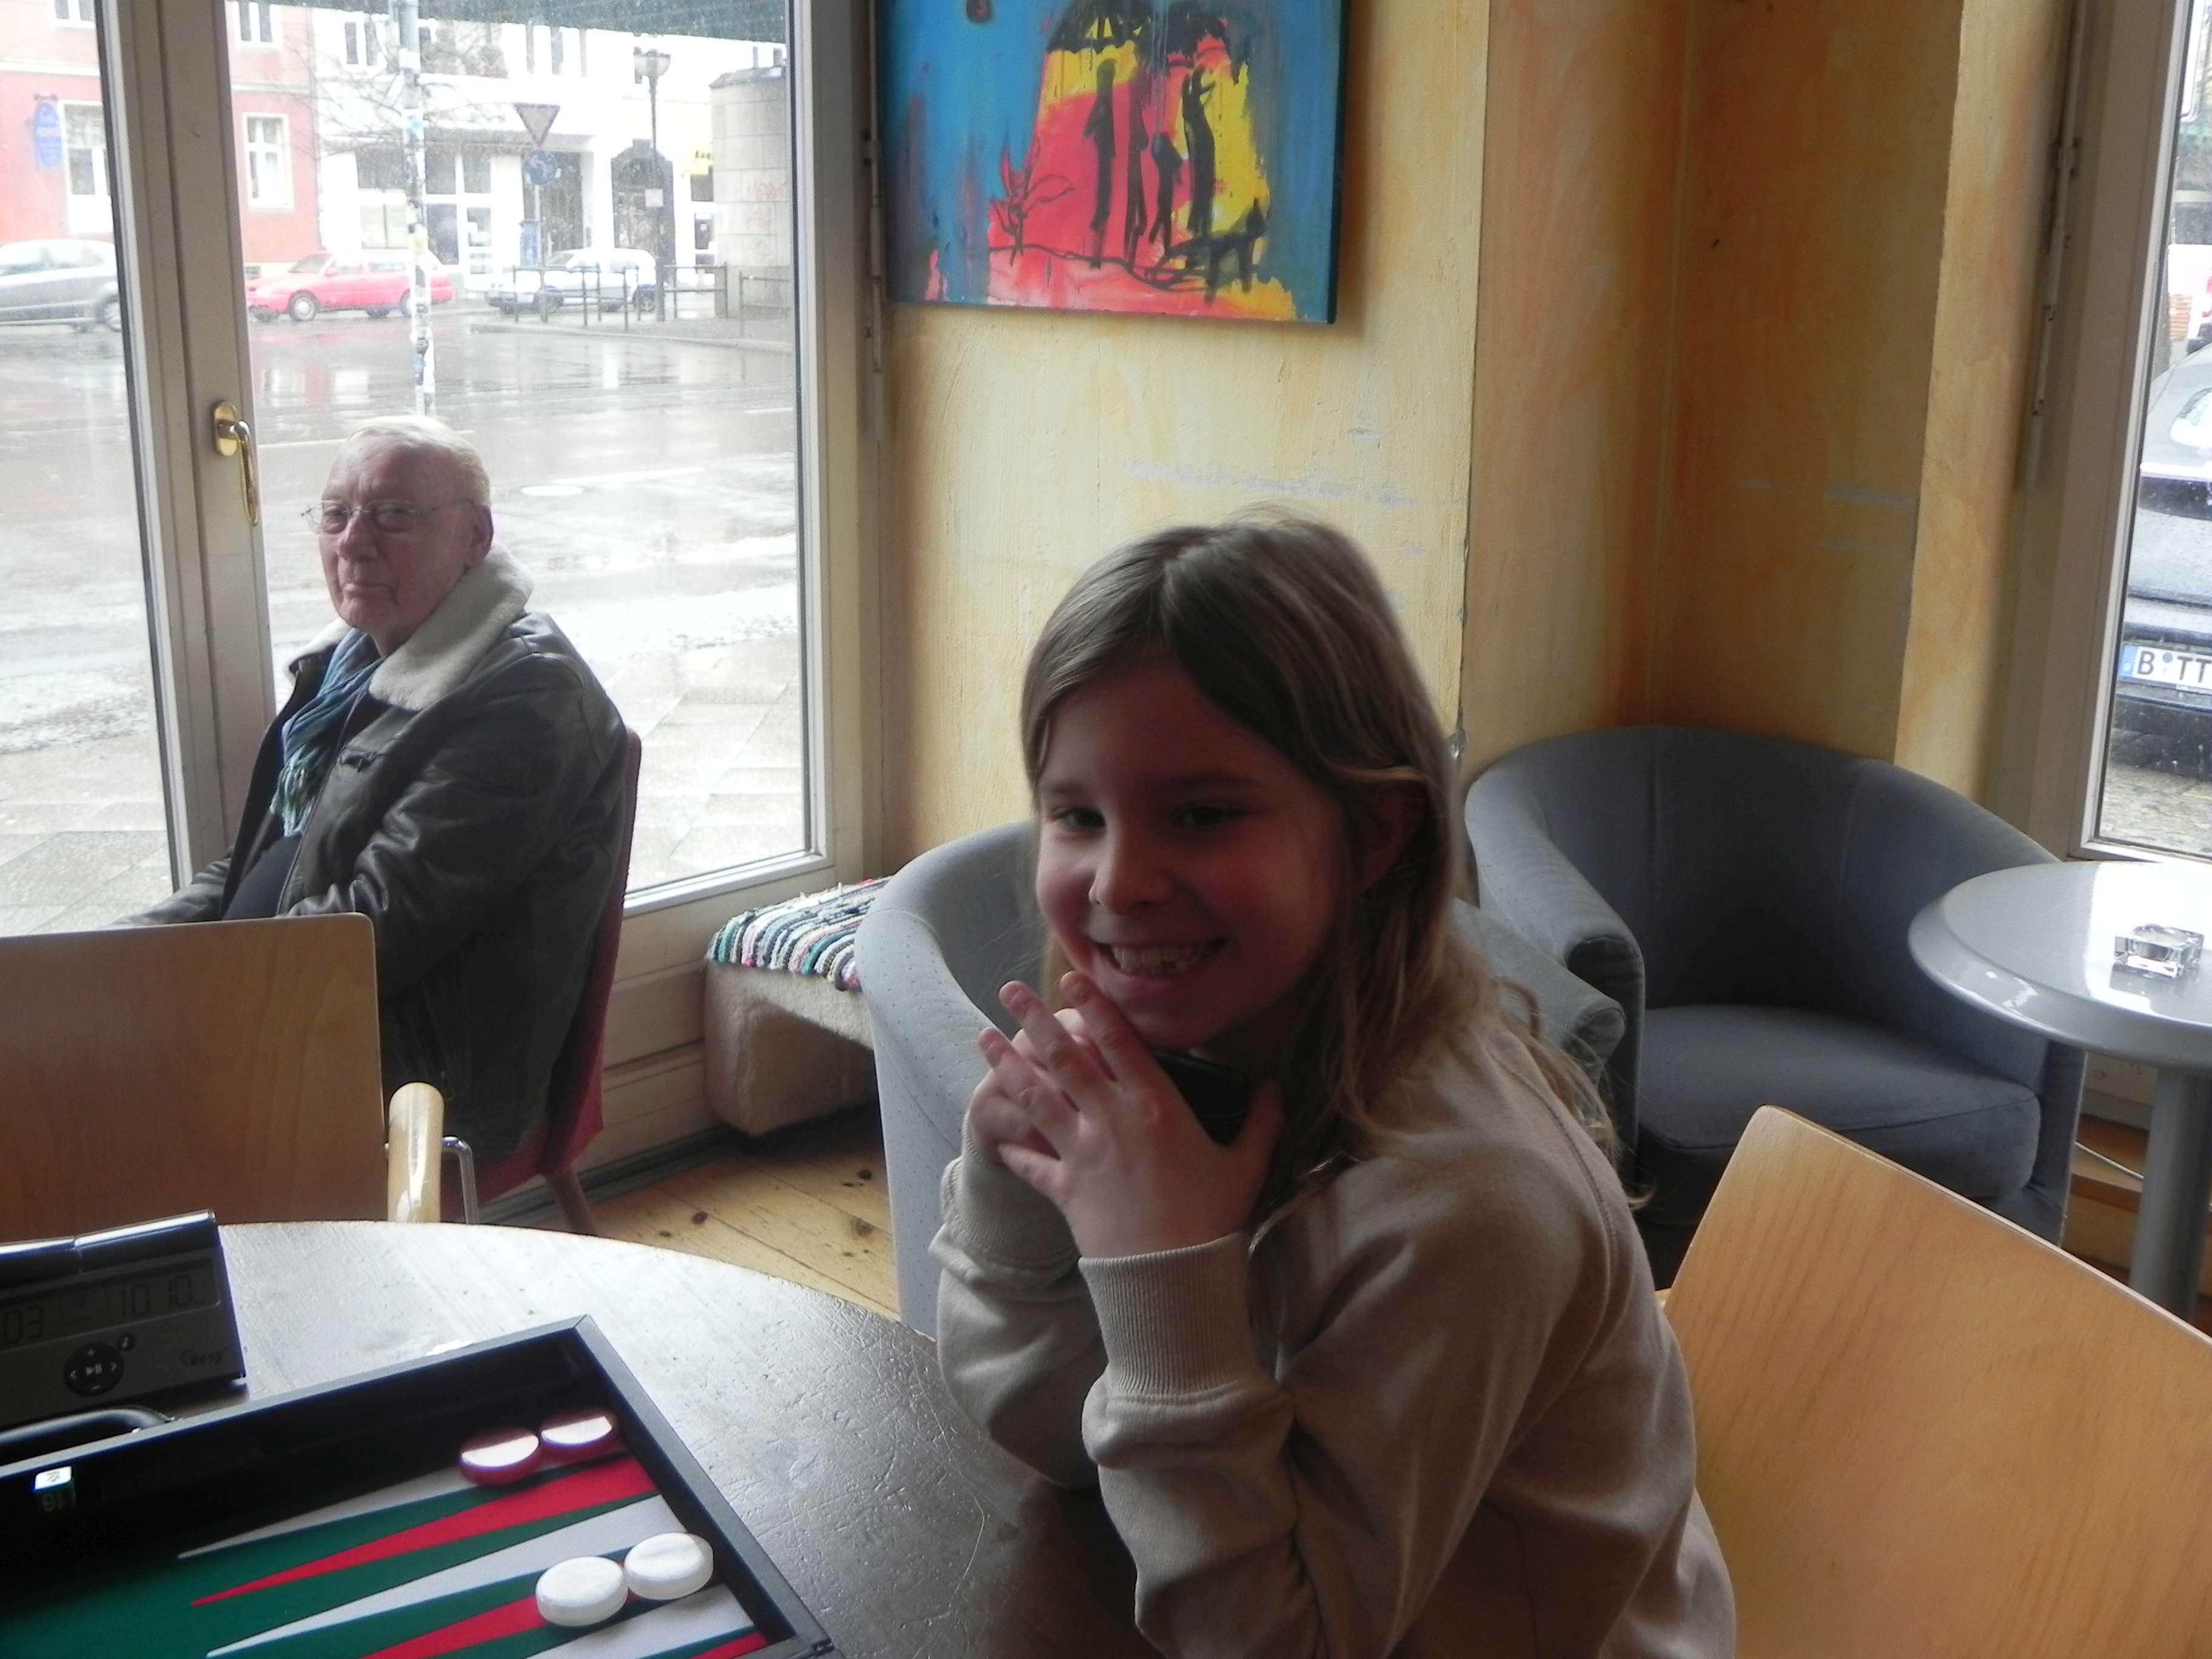 Gute Laune, Spaß am Spiel und schon eine gehörige Portion Können: Rising Star Vivien Diehr